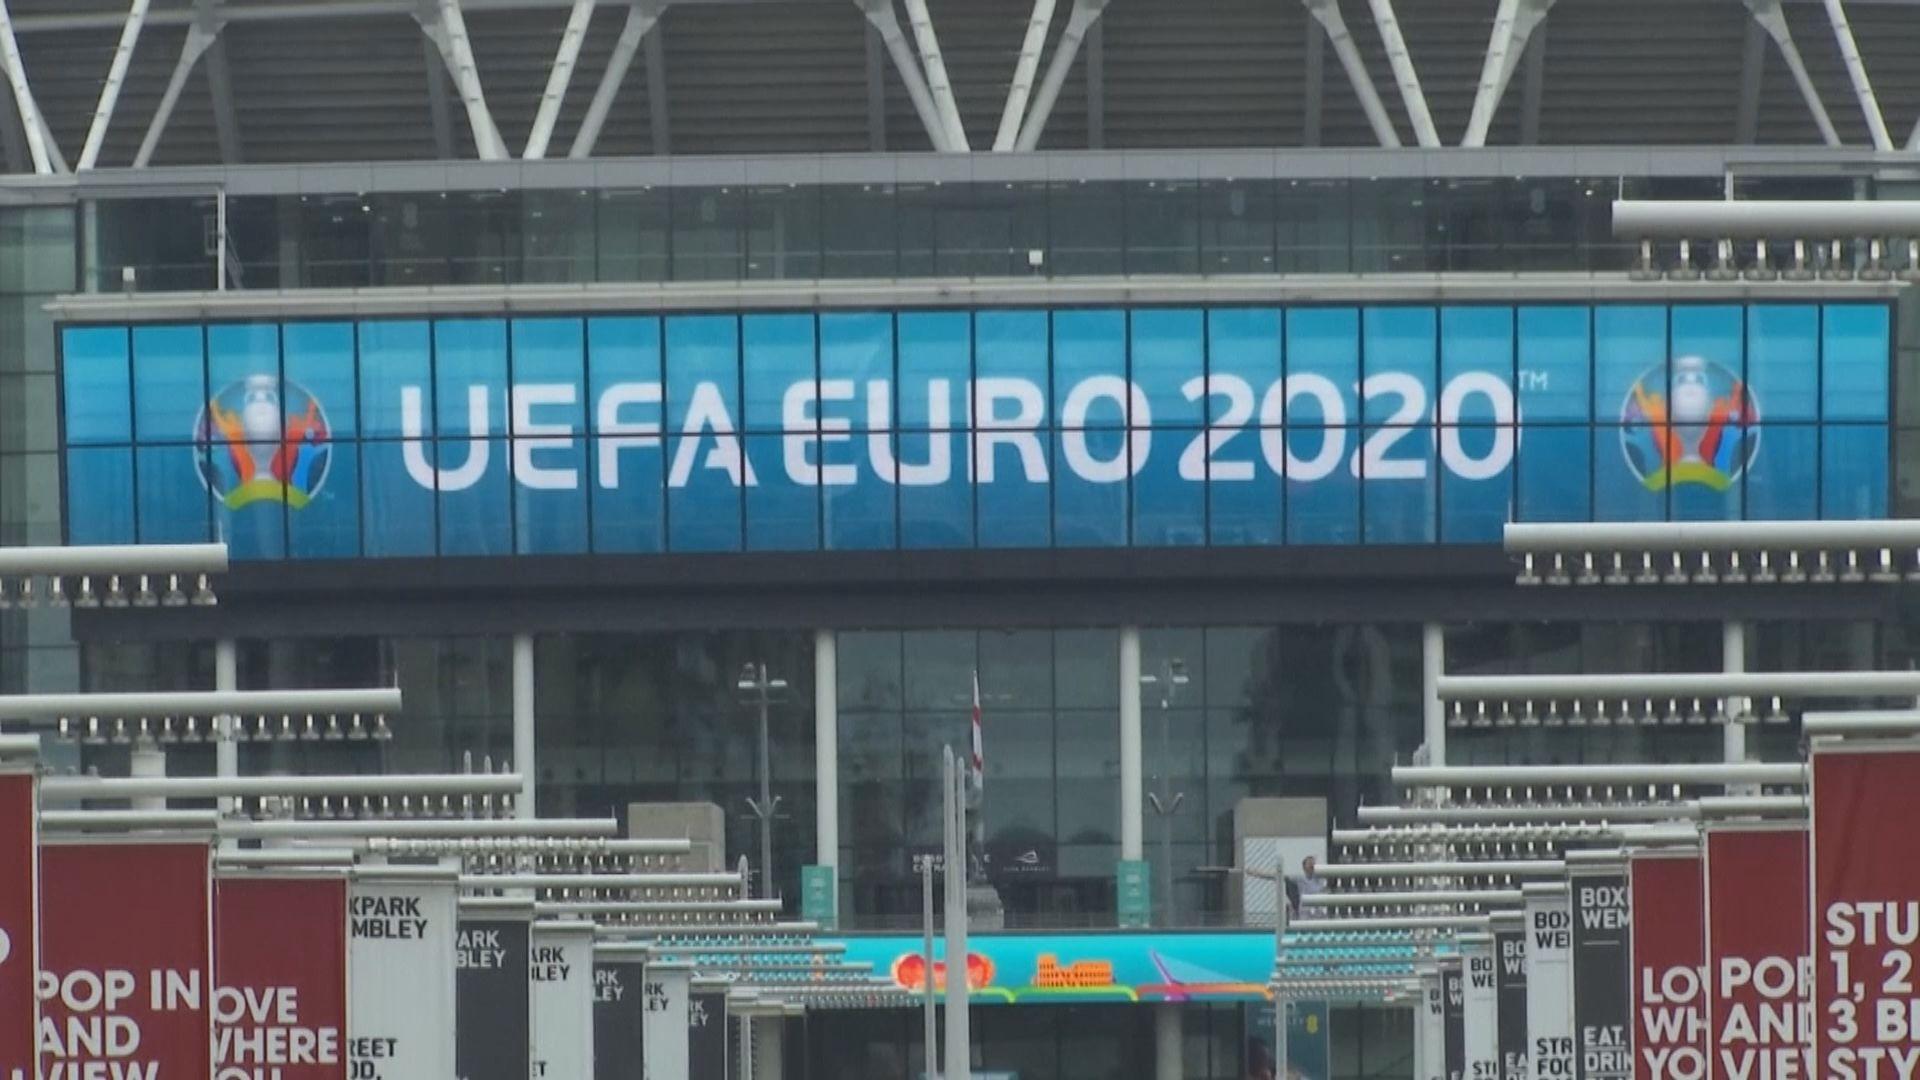 歐國盃周五揭幕 入場觀眾需出示疫苗接種或檢測證明